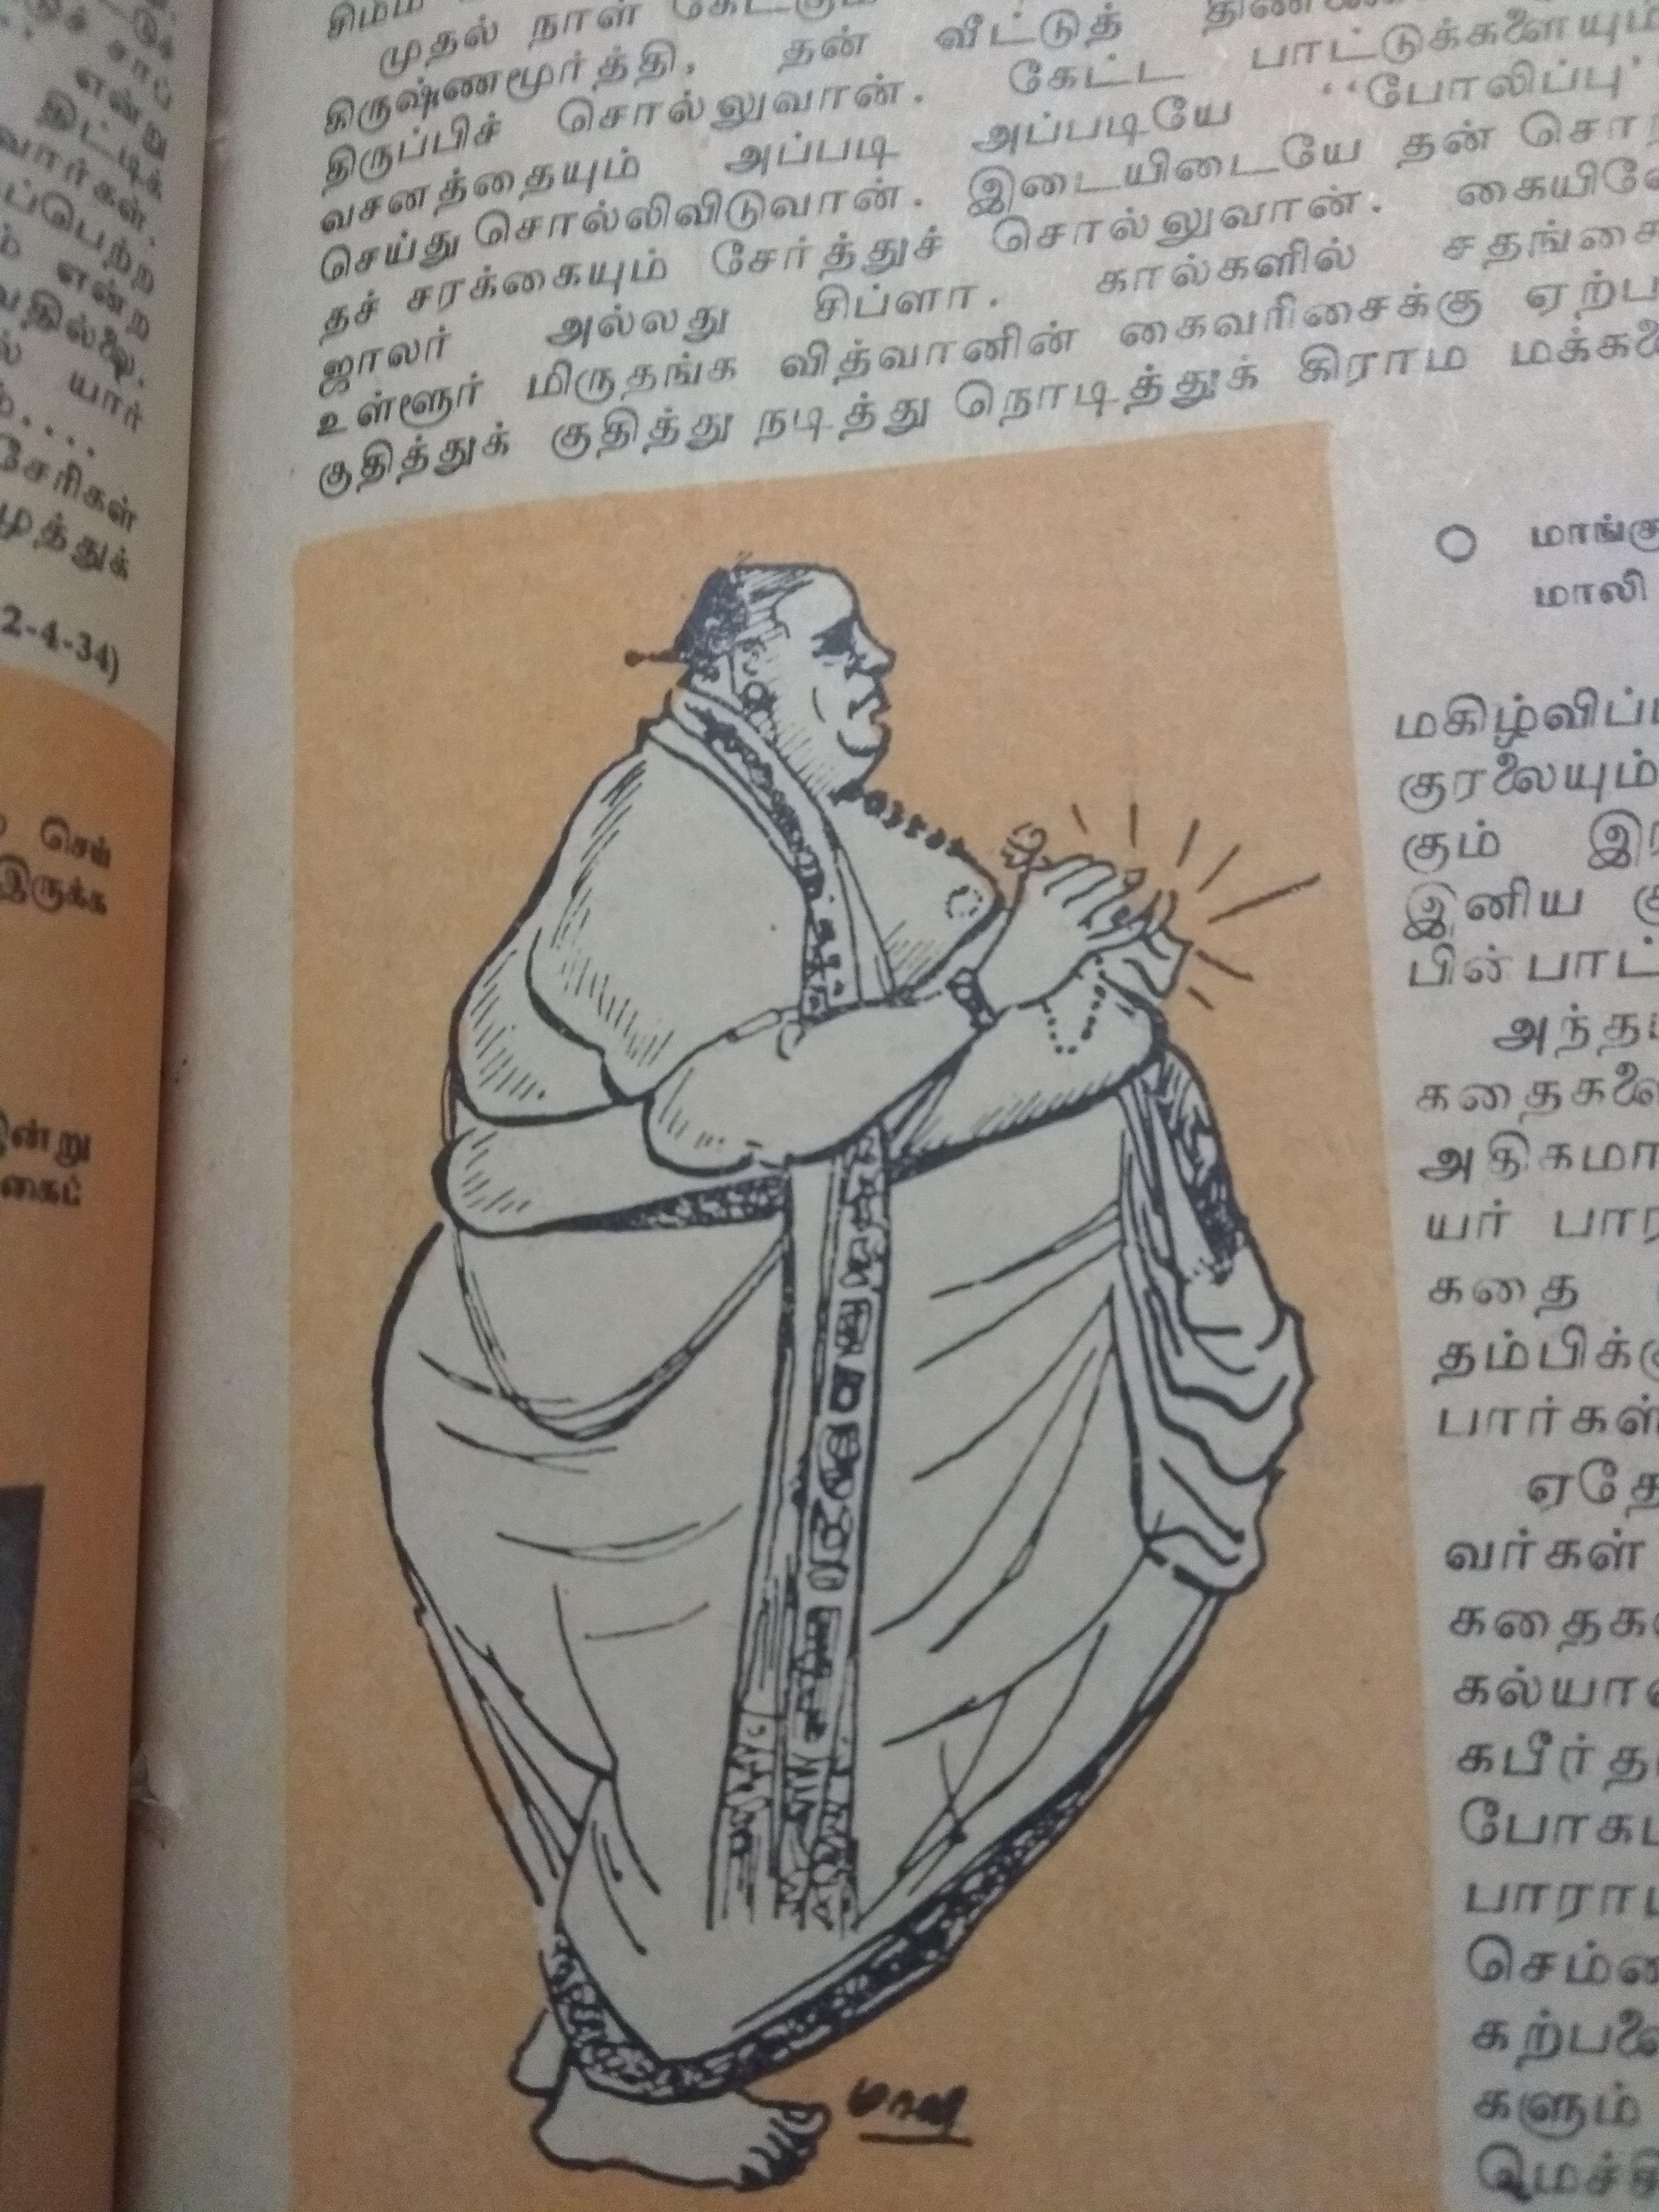 மாலியின் கைவண்ணத்தில் மாங்குடி சிதம்பர பாகவதர்